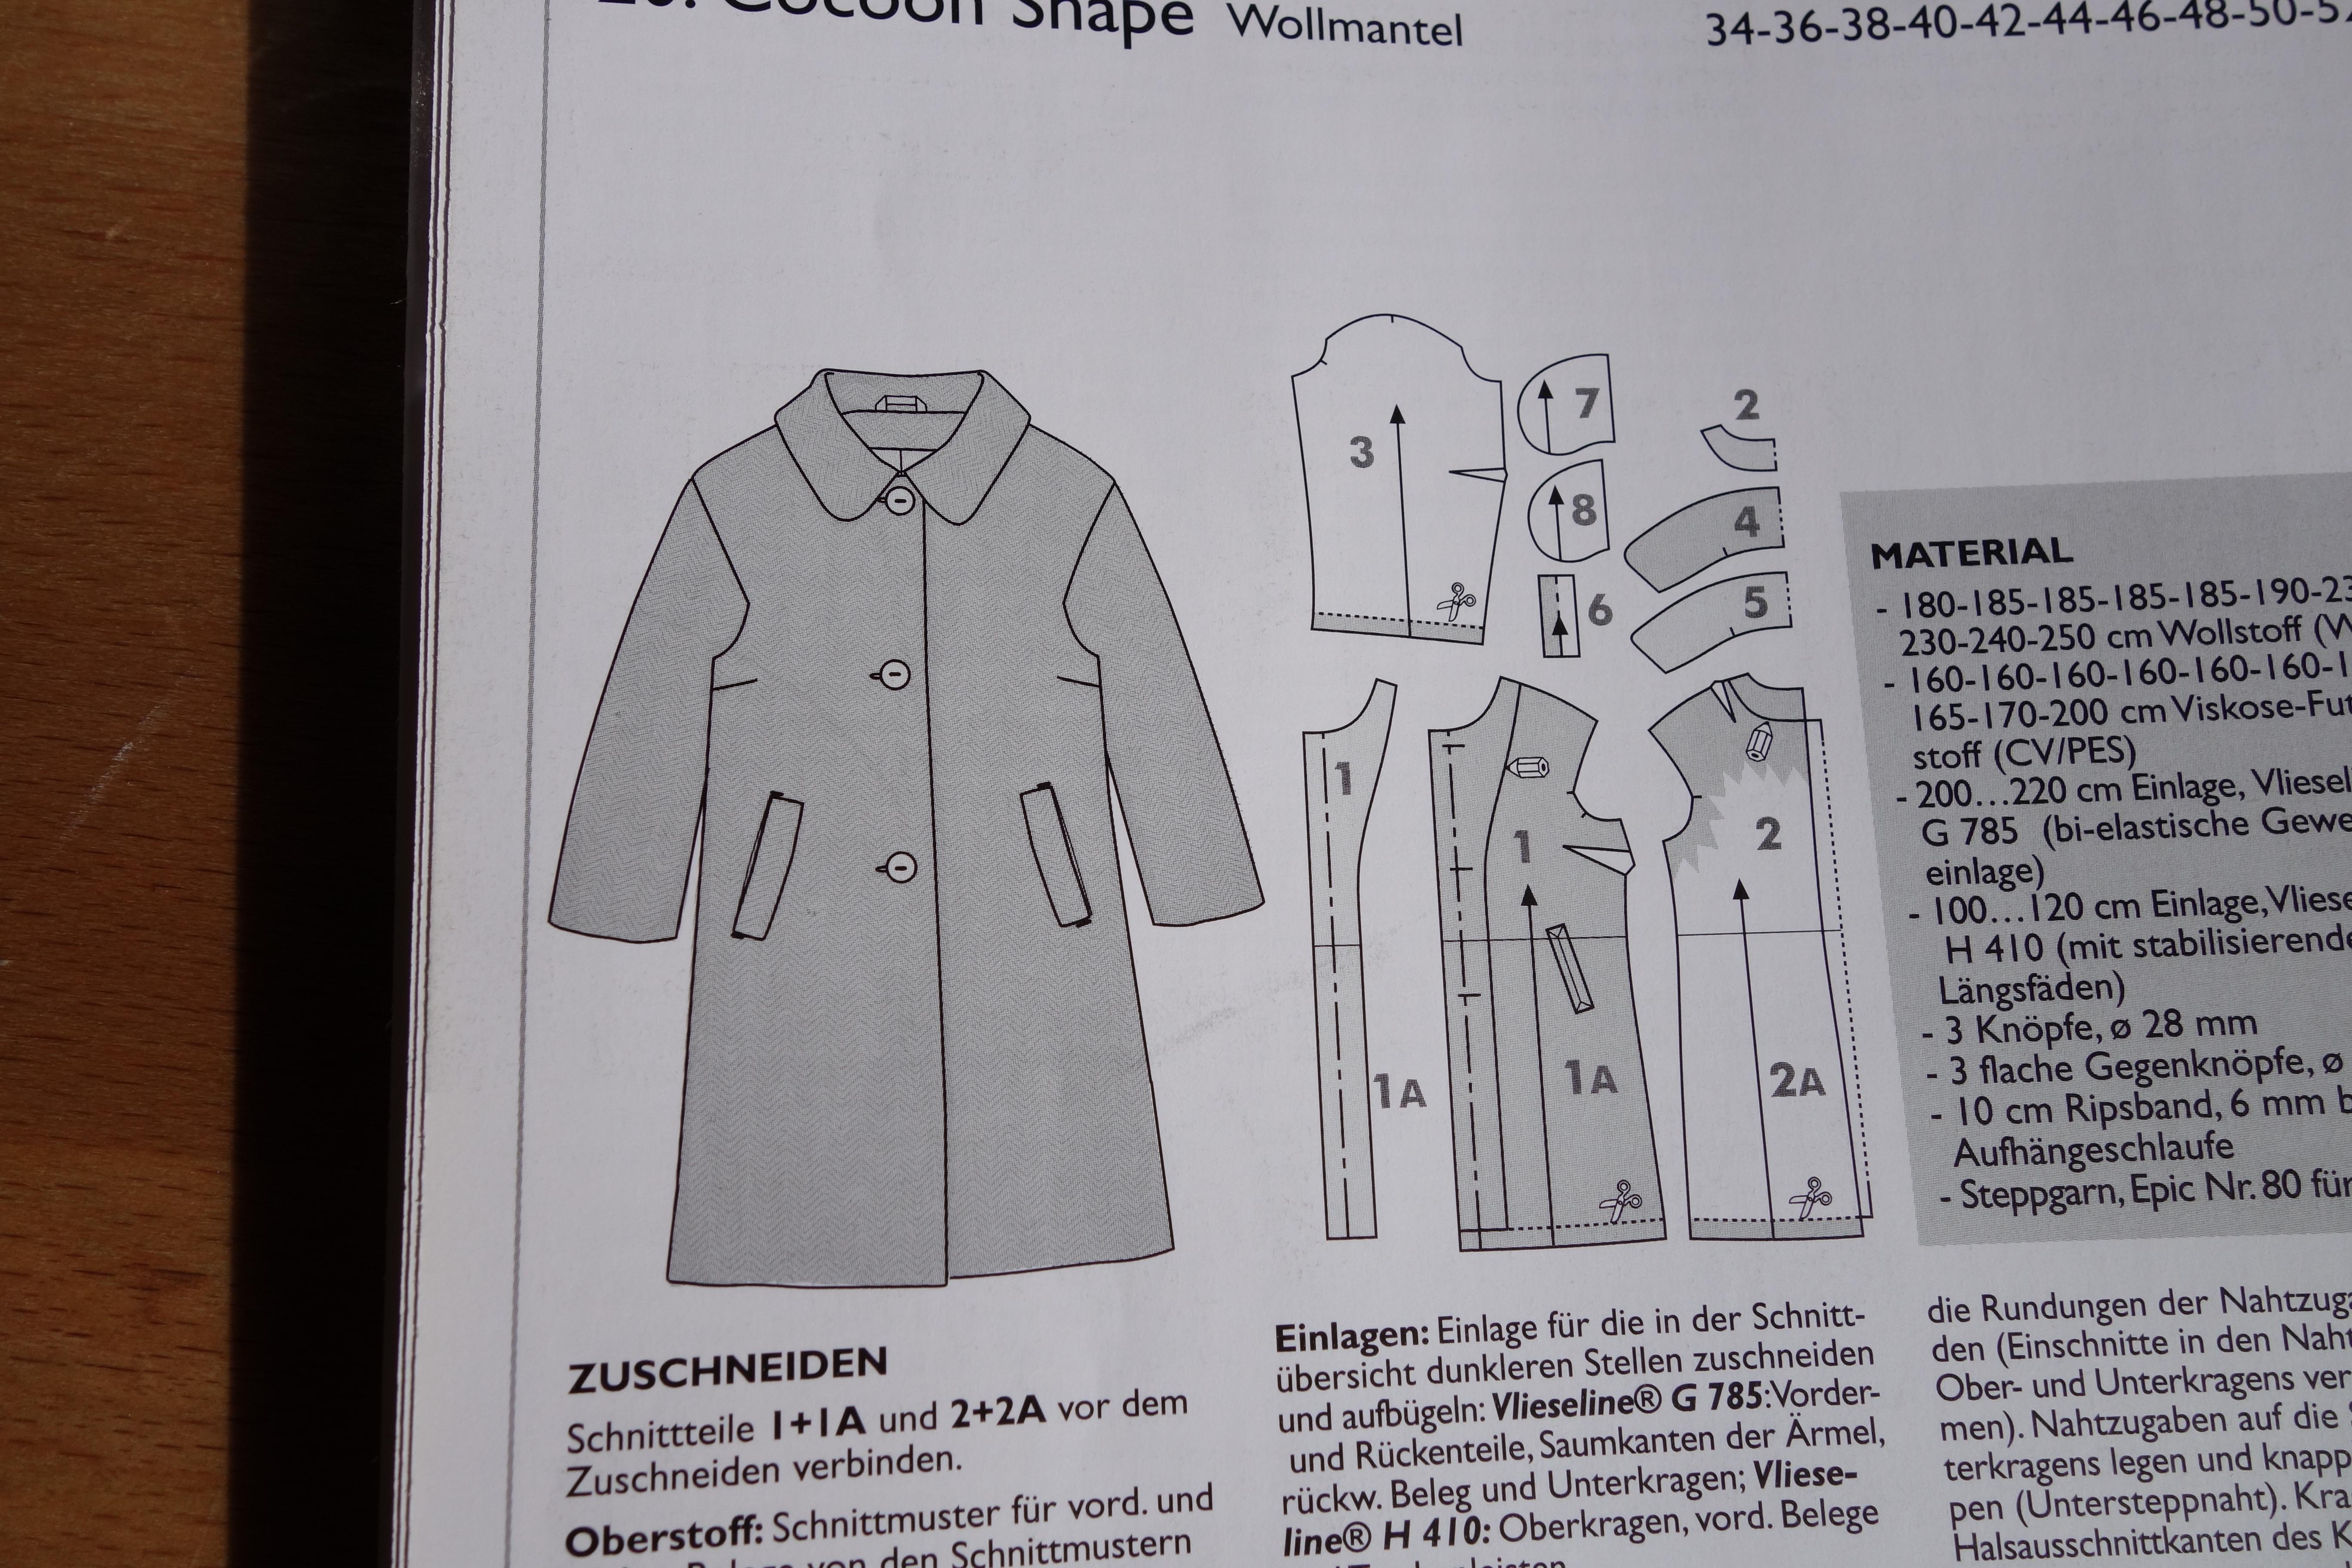 Technische Zeichnung Mantel Ottobre